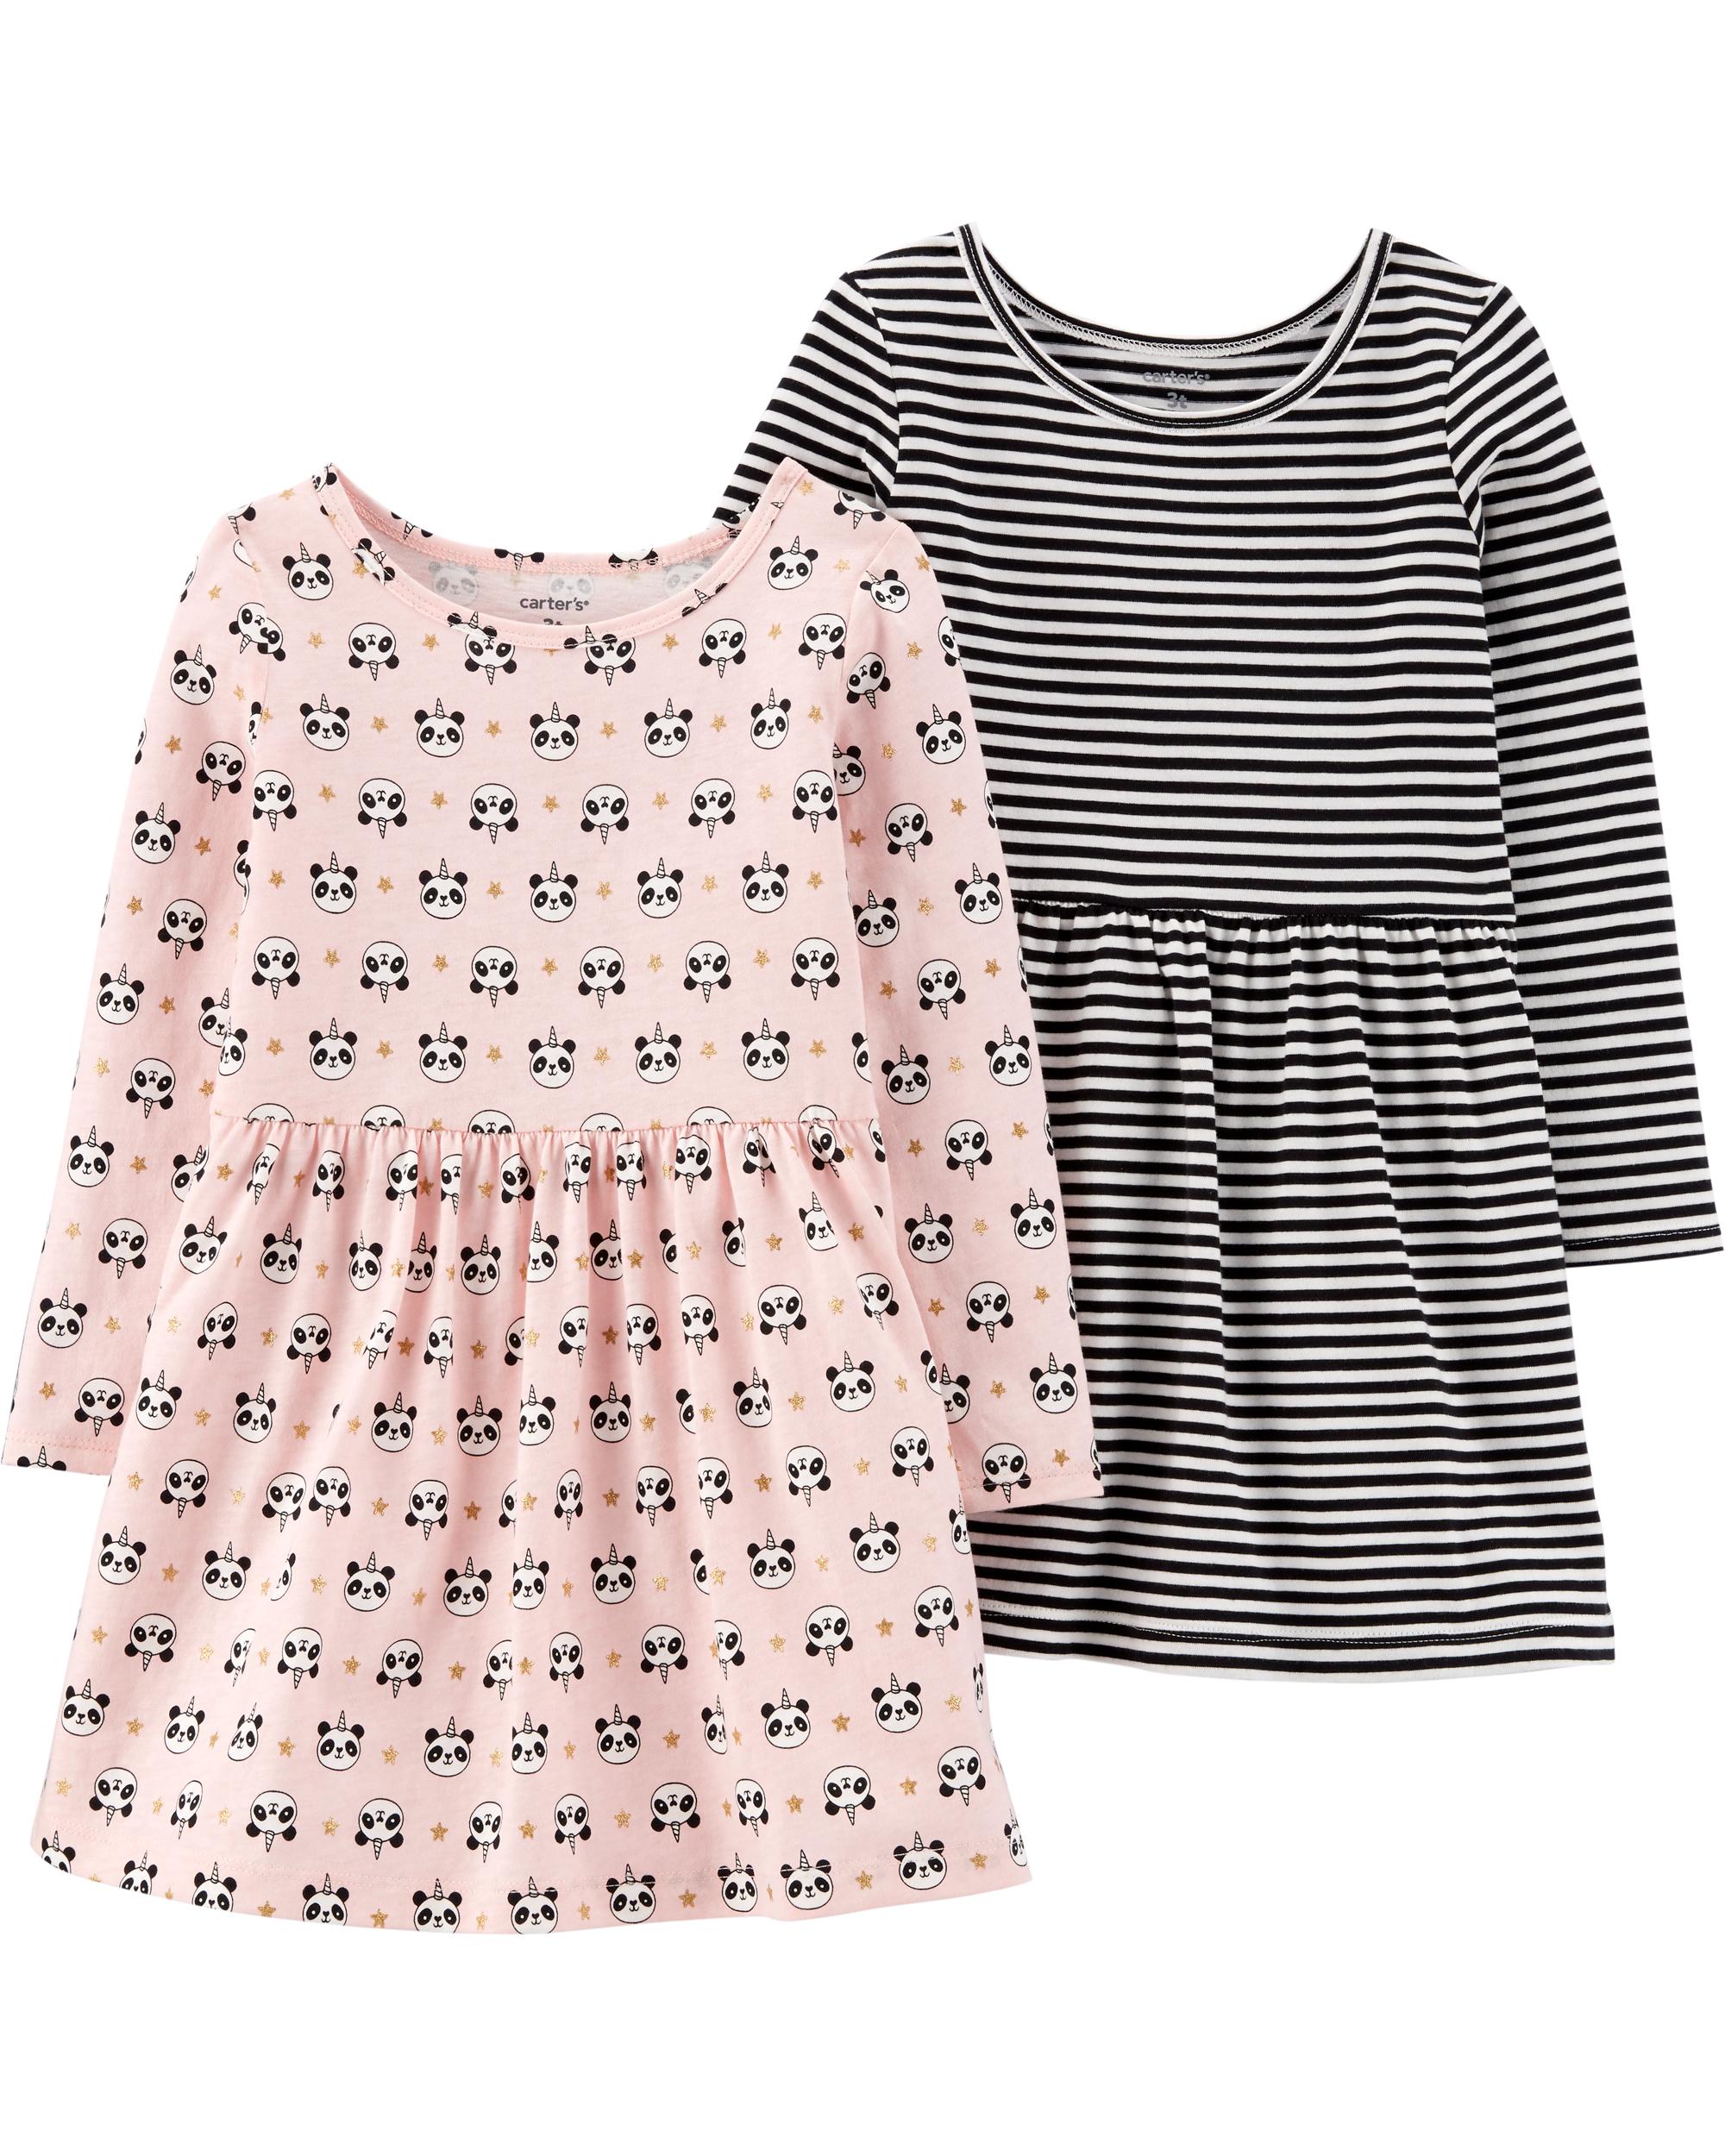 זוג שמלות פנדה/פסים